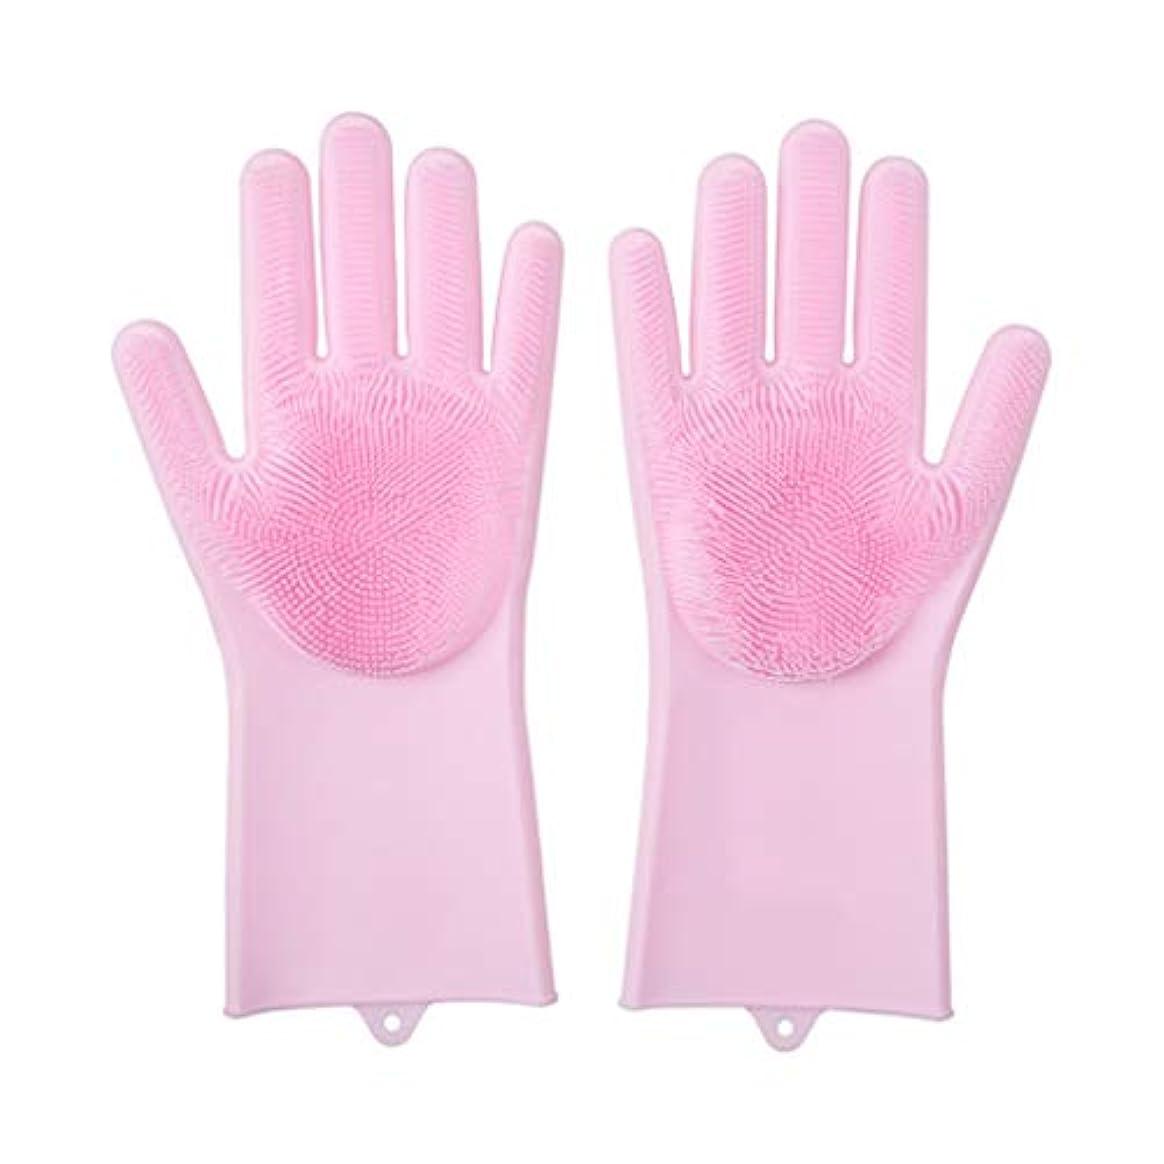 立法メール売上高LIUXIN スクラバー付きシリコン食器洗い手袋多機能家事ゴム手袋13.5×32.5センチマルチカラーオプション ゴム手袋 (Color : Pink)